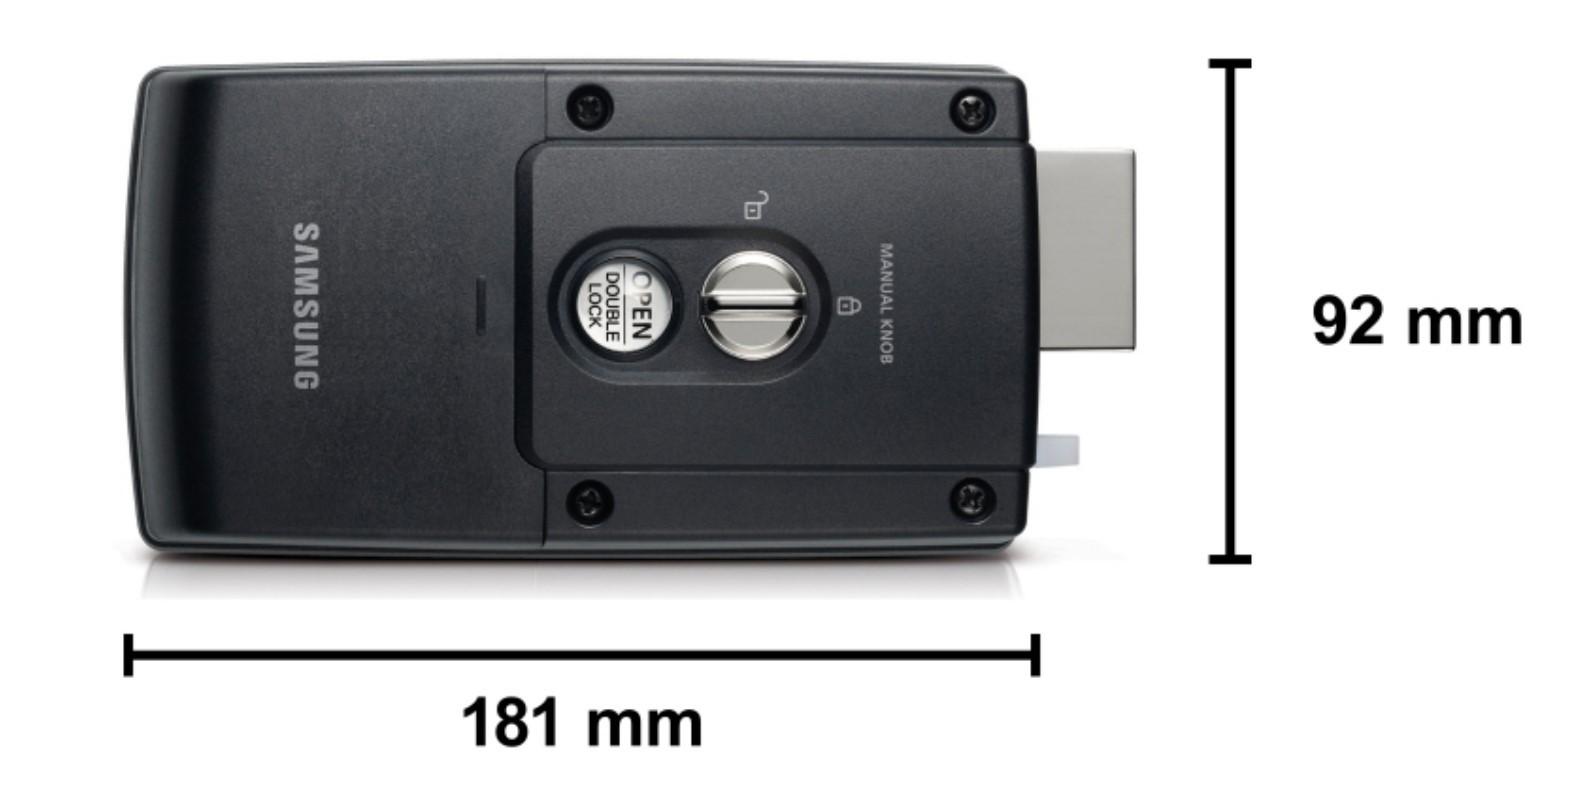 Fechadura Digital de Sobrepor Samsung Ultra Slim SHS-1321 Até 20 Cartões e 20 Senhas